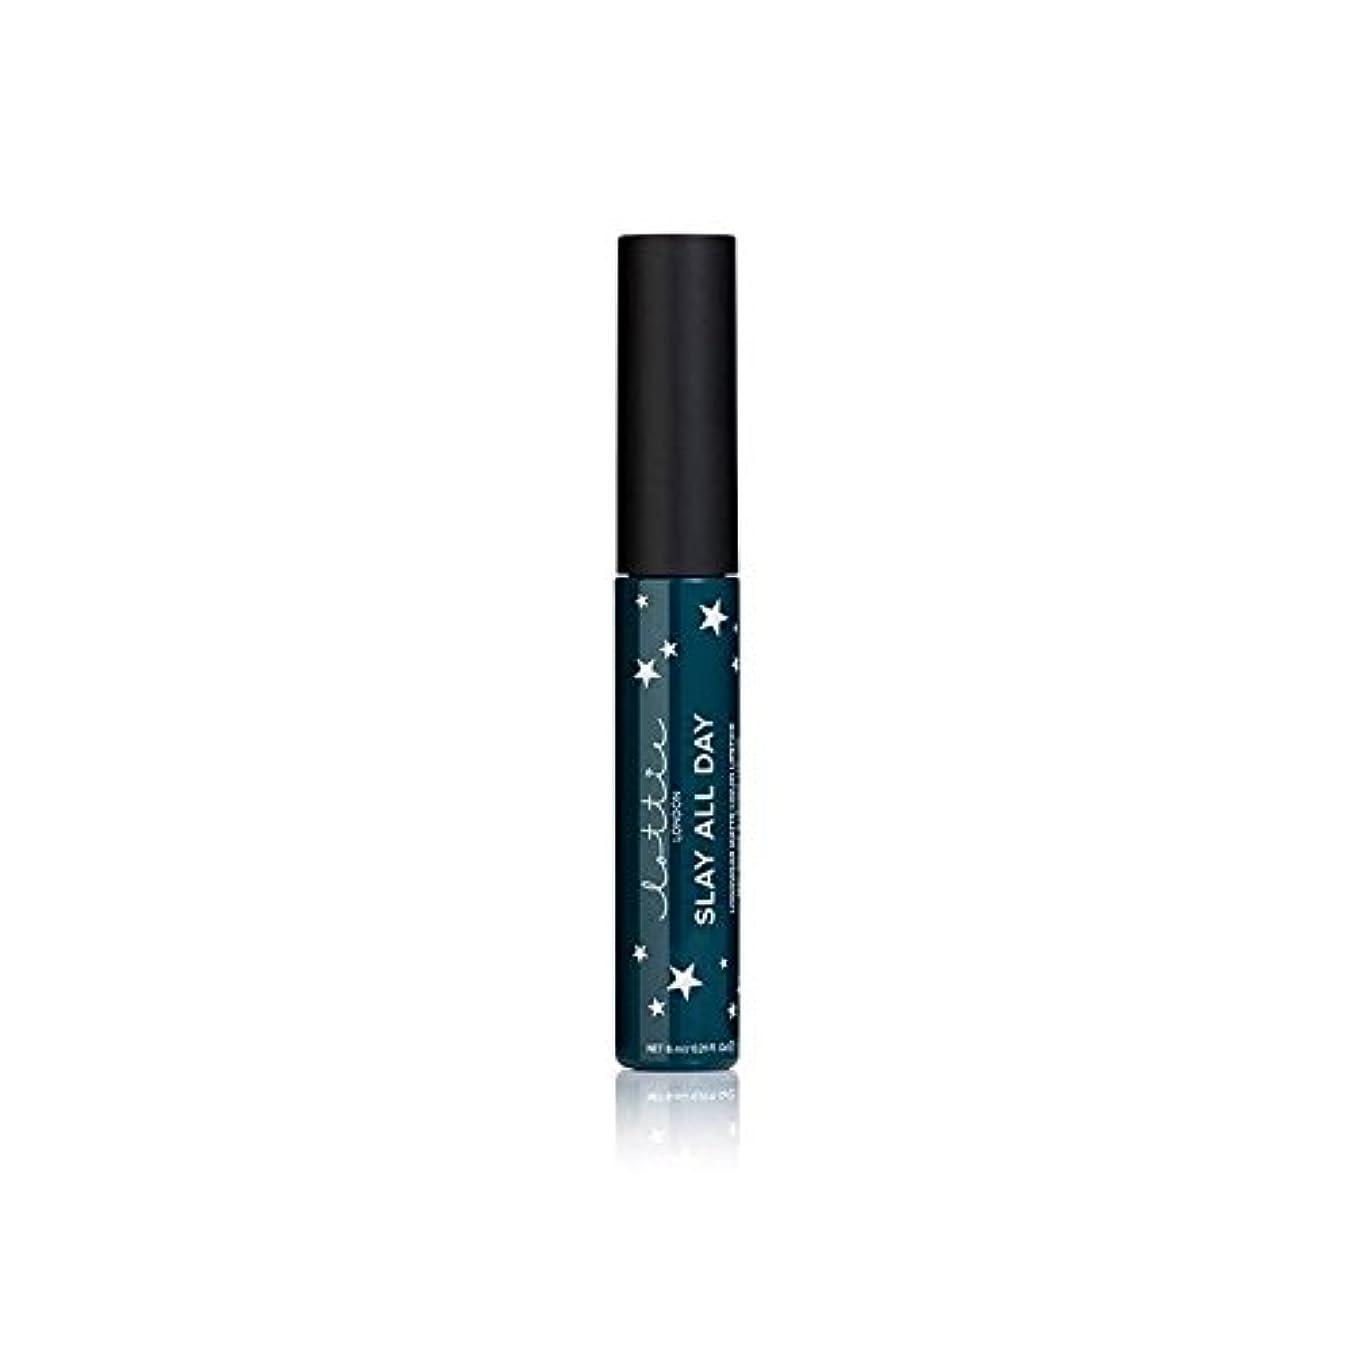 便利しなやかなハプニングロンドンマット液状口紅を - 女王 x2 - Lottie London Matte Liquid Lipstick - Queen (Pack of 2) [並行輸入品]